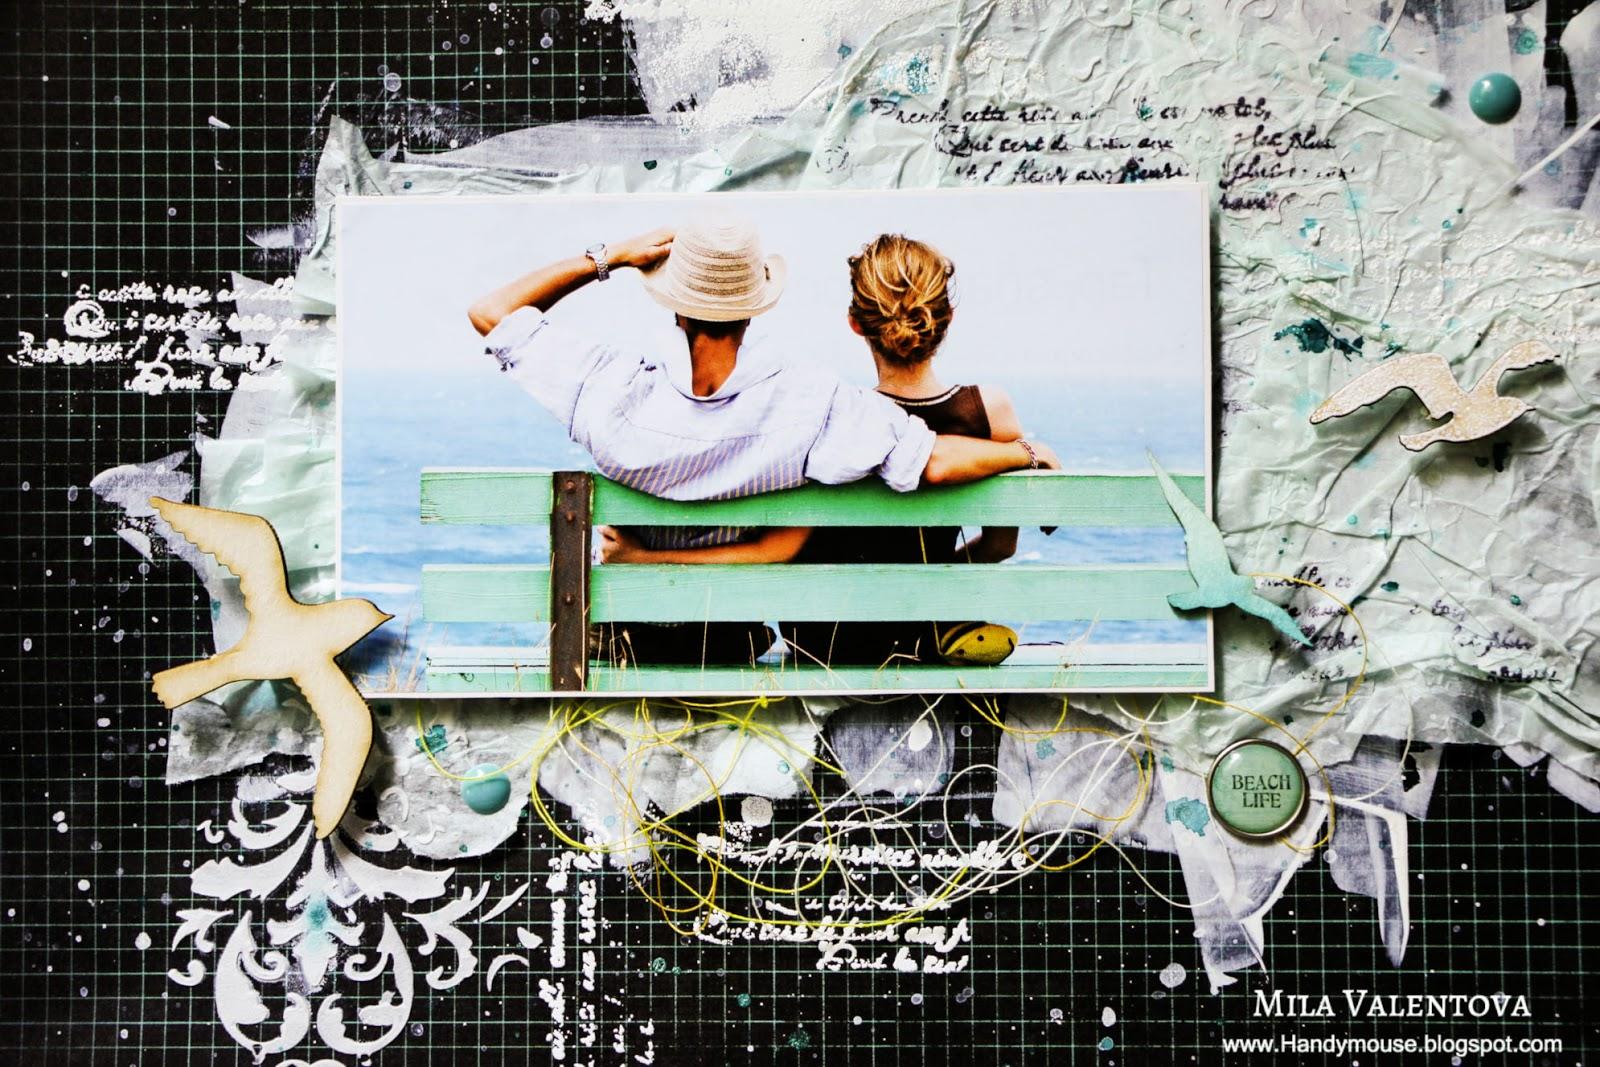 Скрапбукинг страничка  Море, чайки, пляж. Мила Валентова.